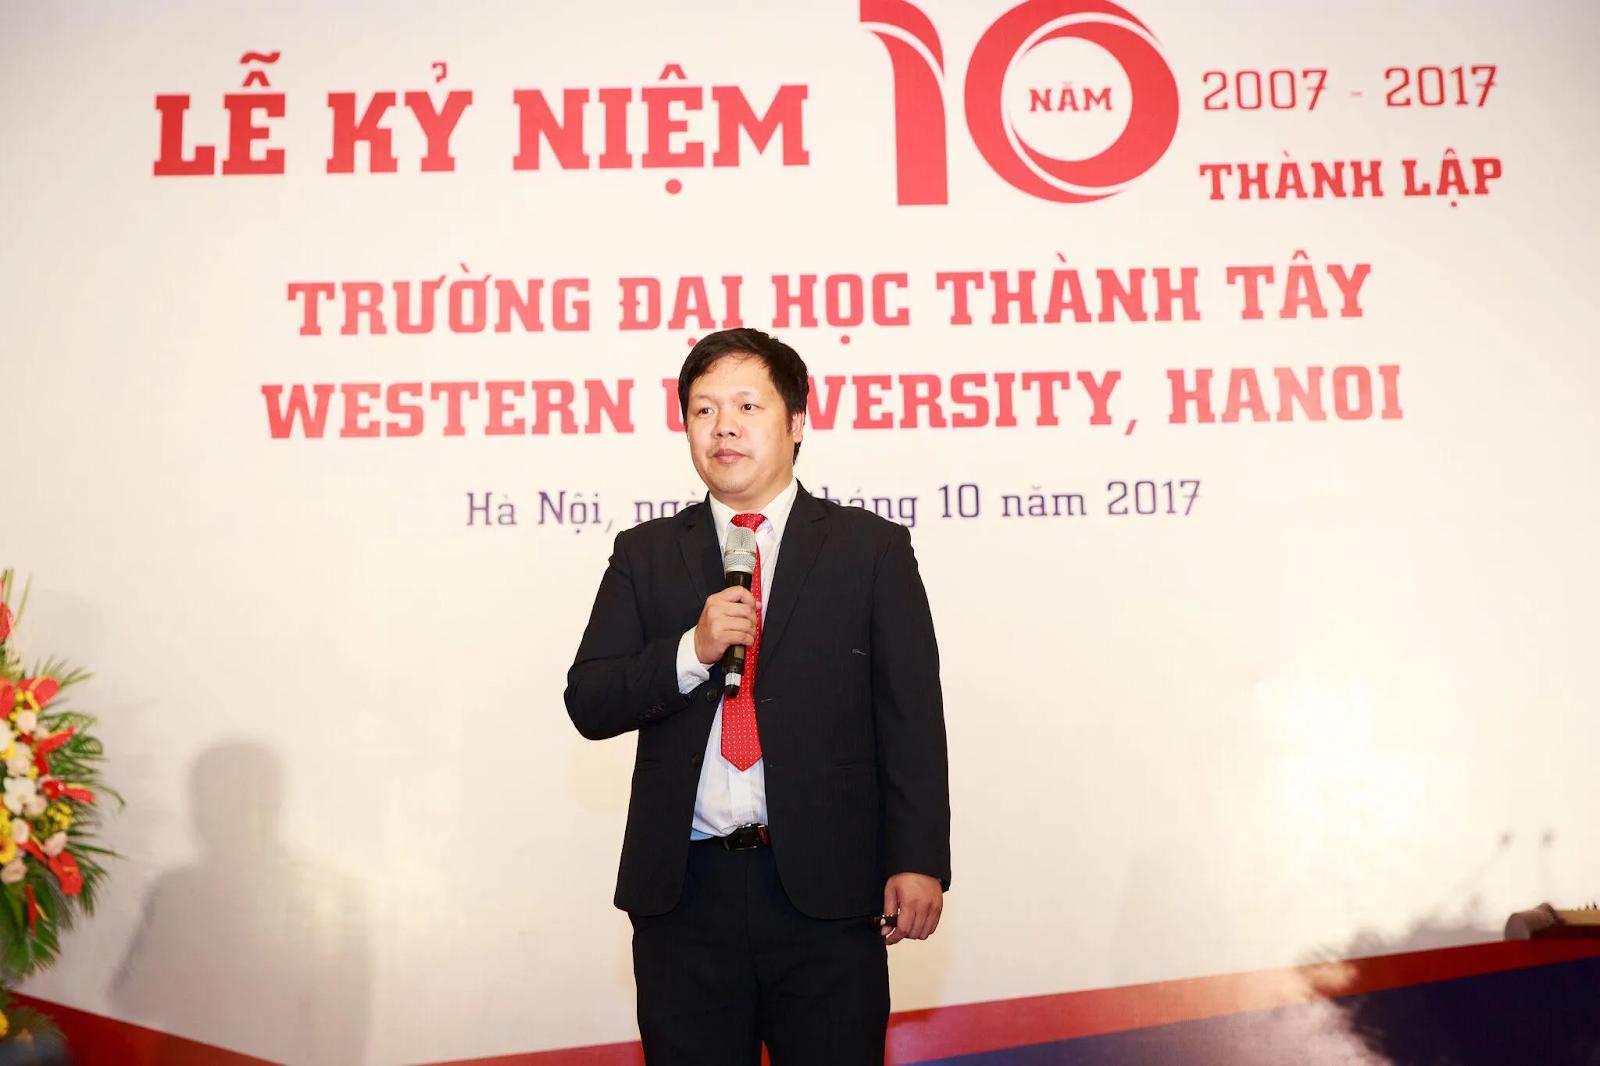 Lễ kỷ niệm 10 năm thành lập ĐH Thành Tây